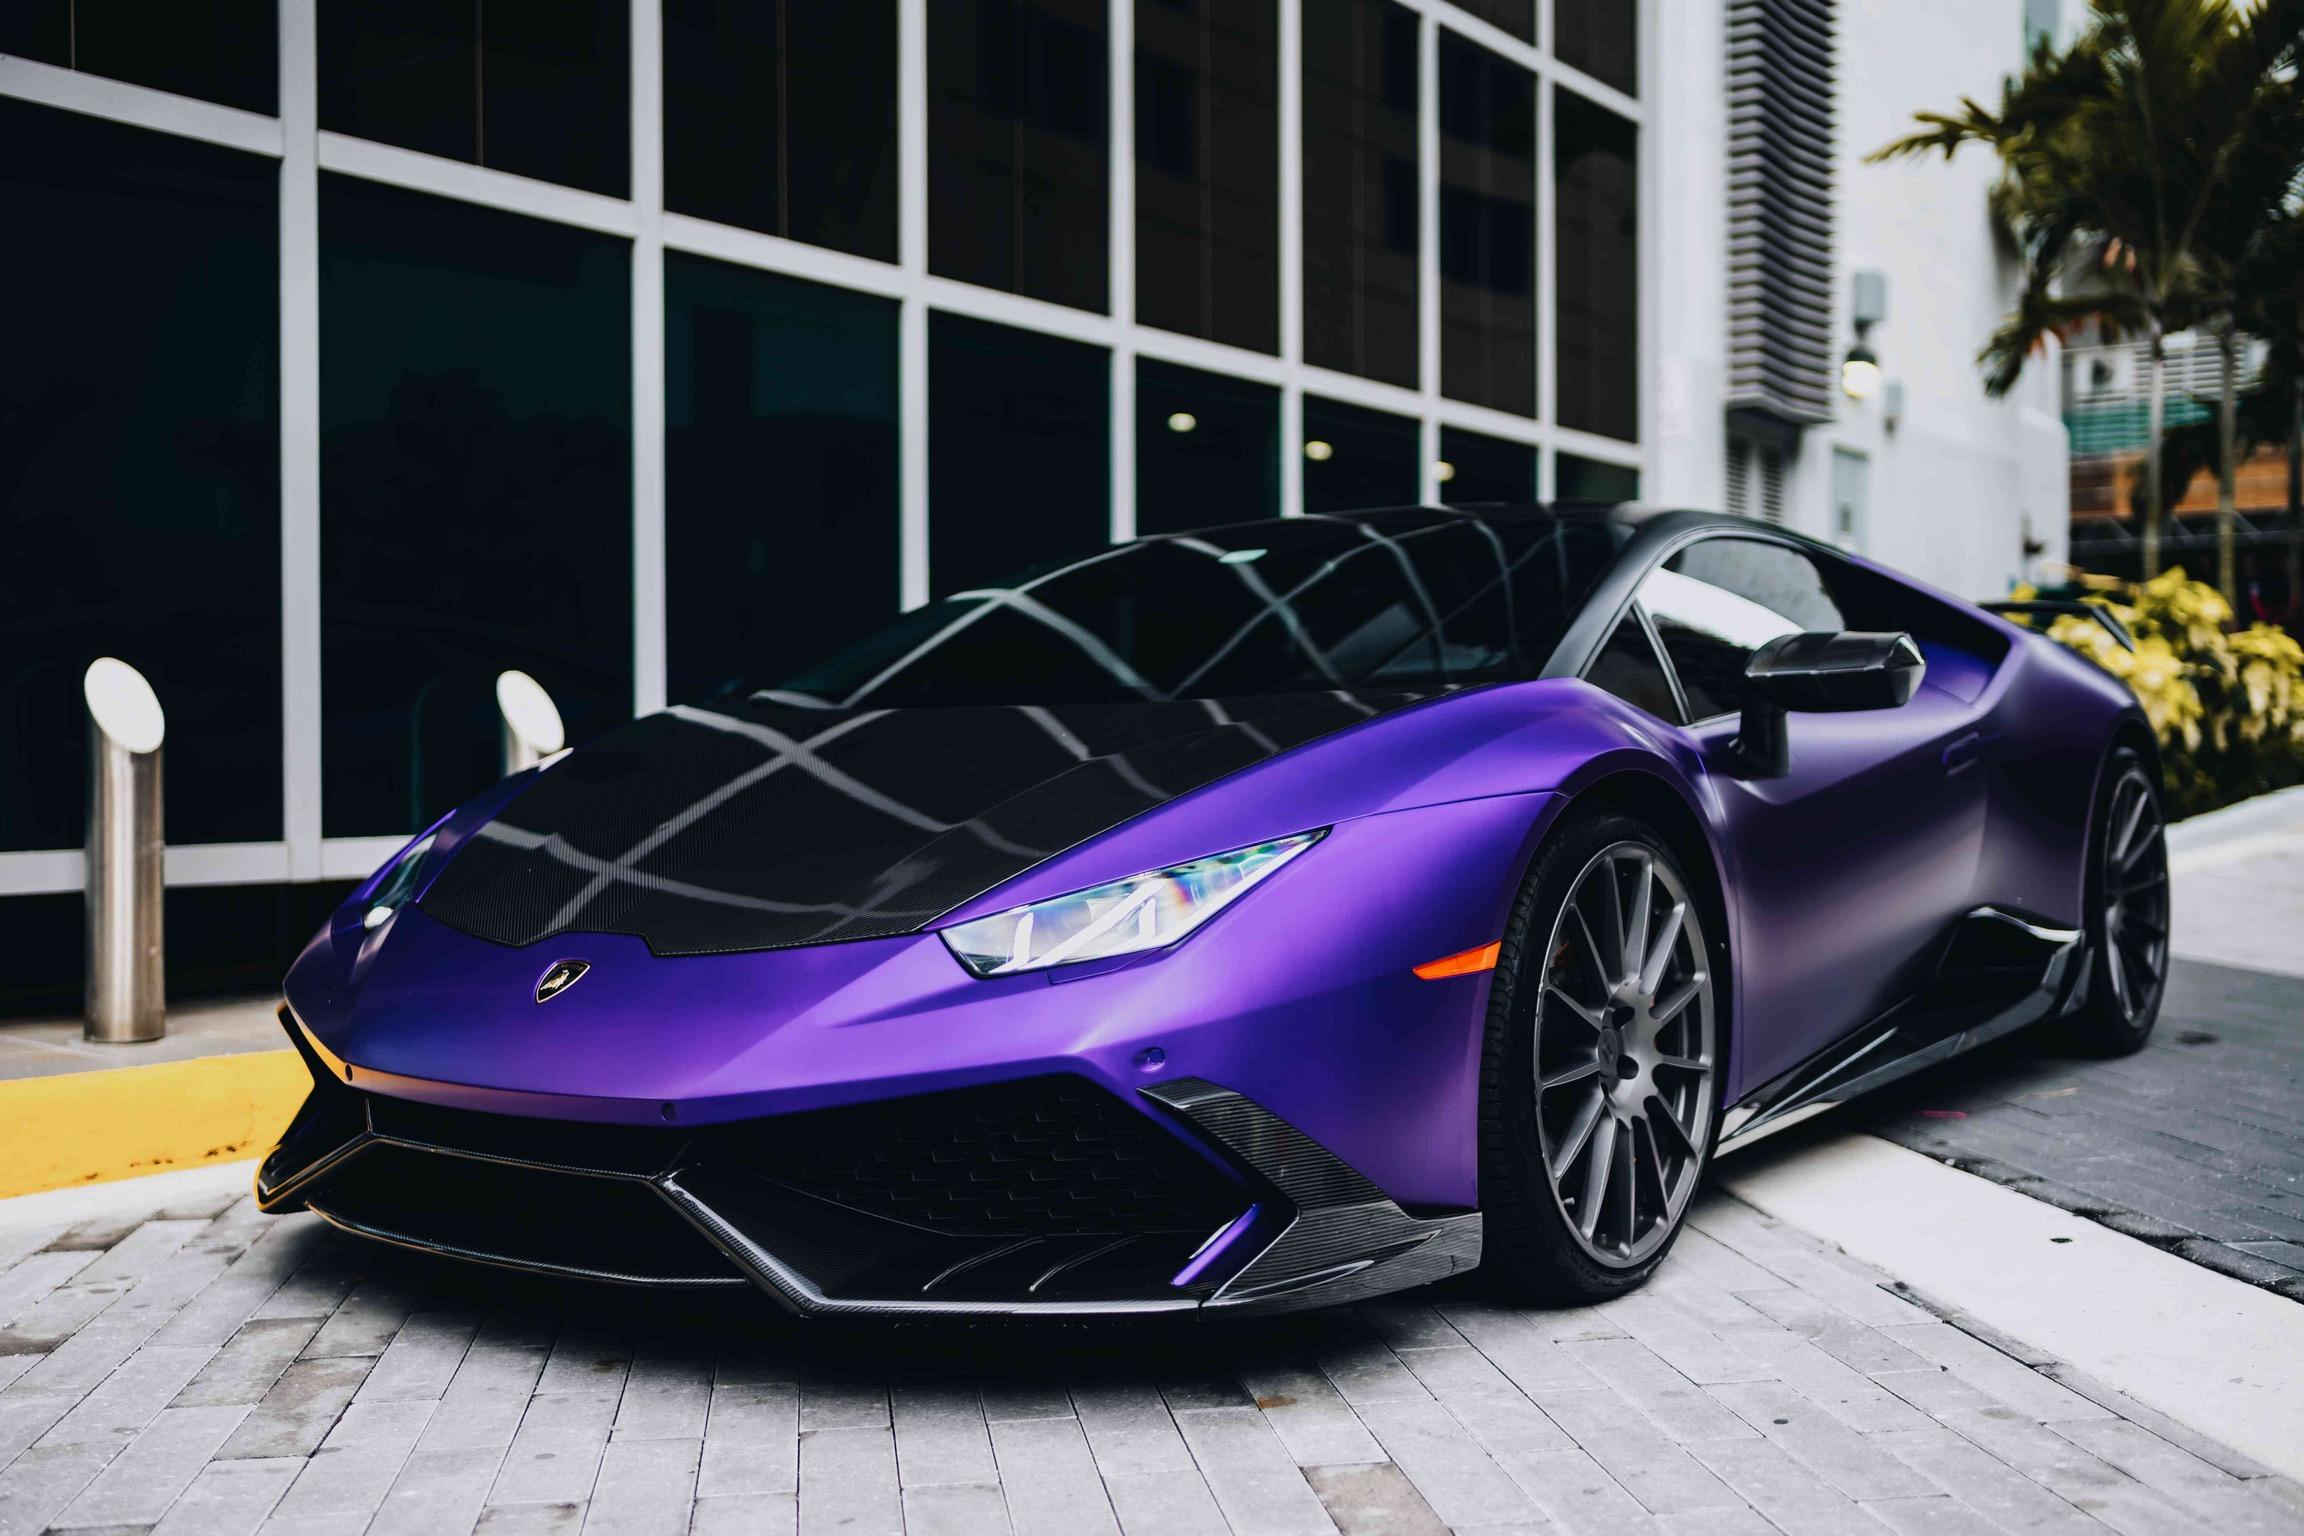 PurpleLambo4